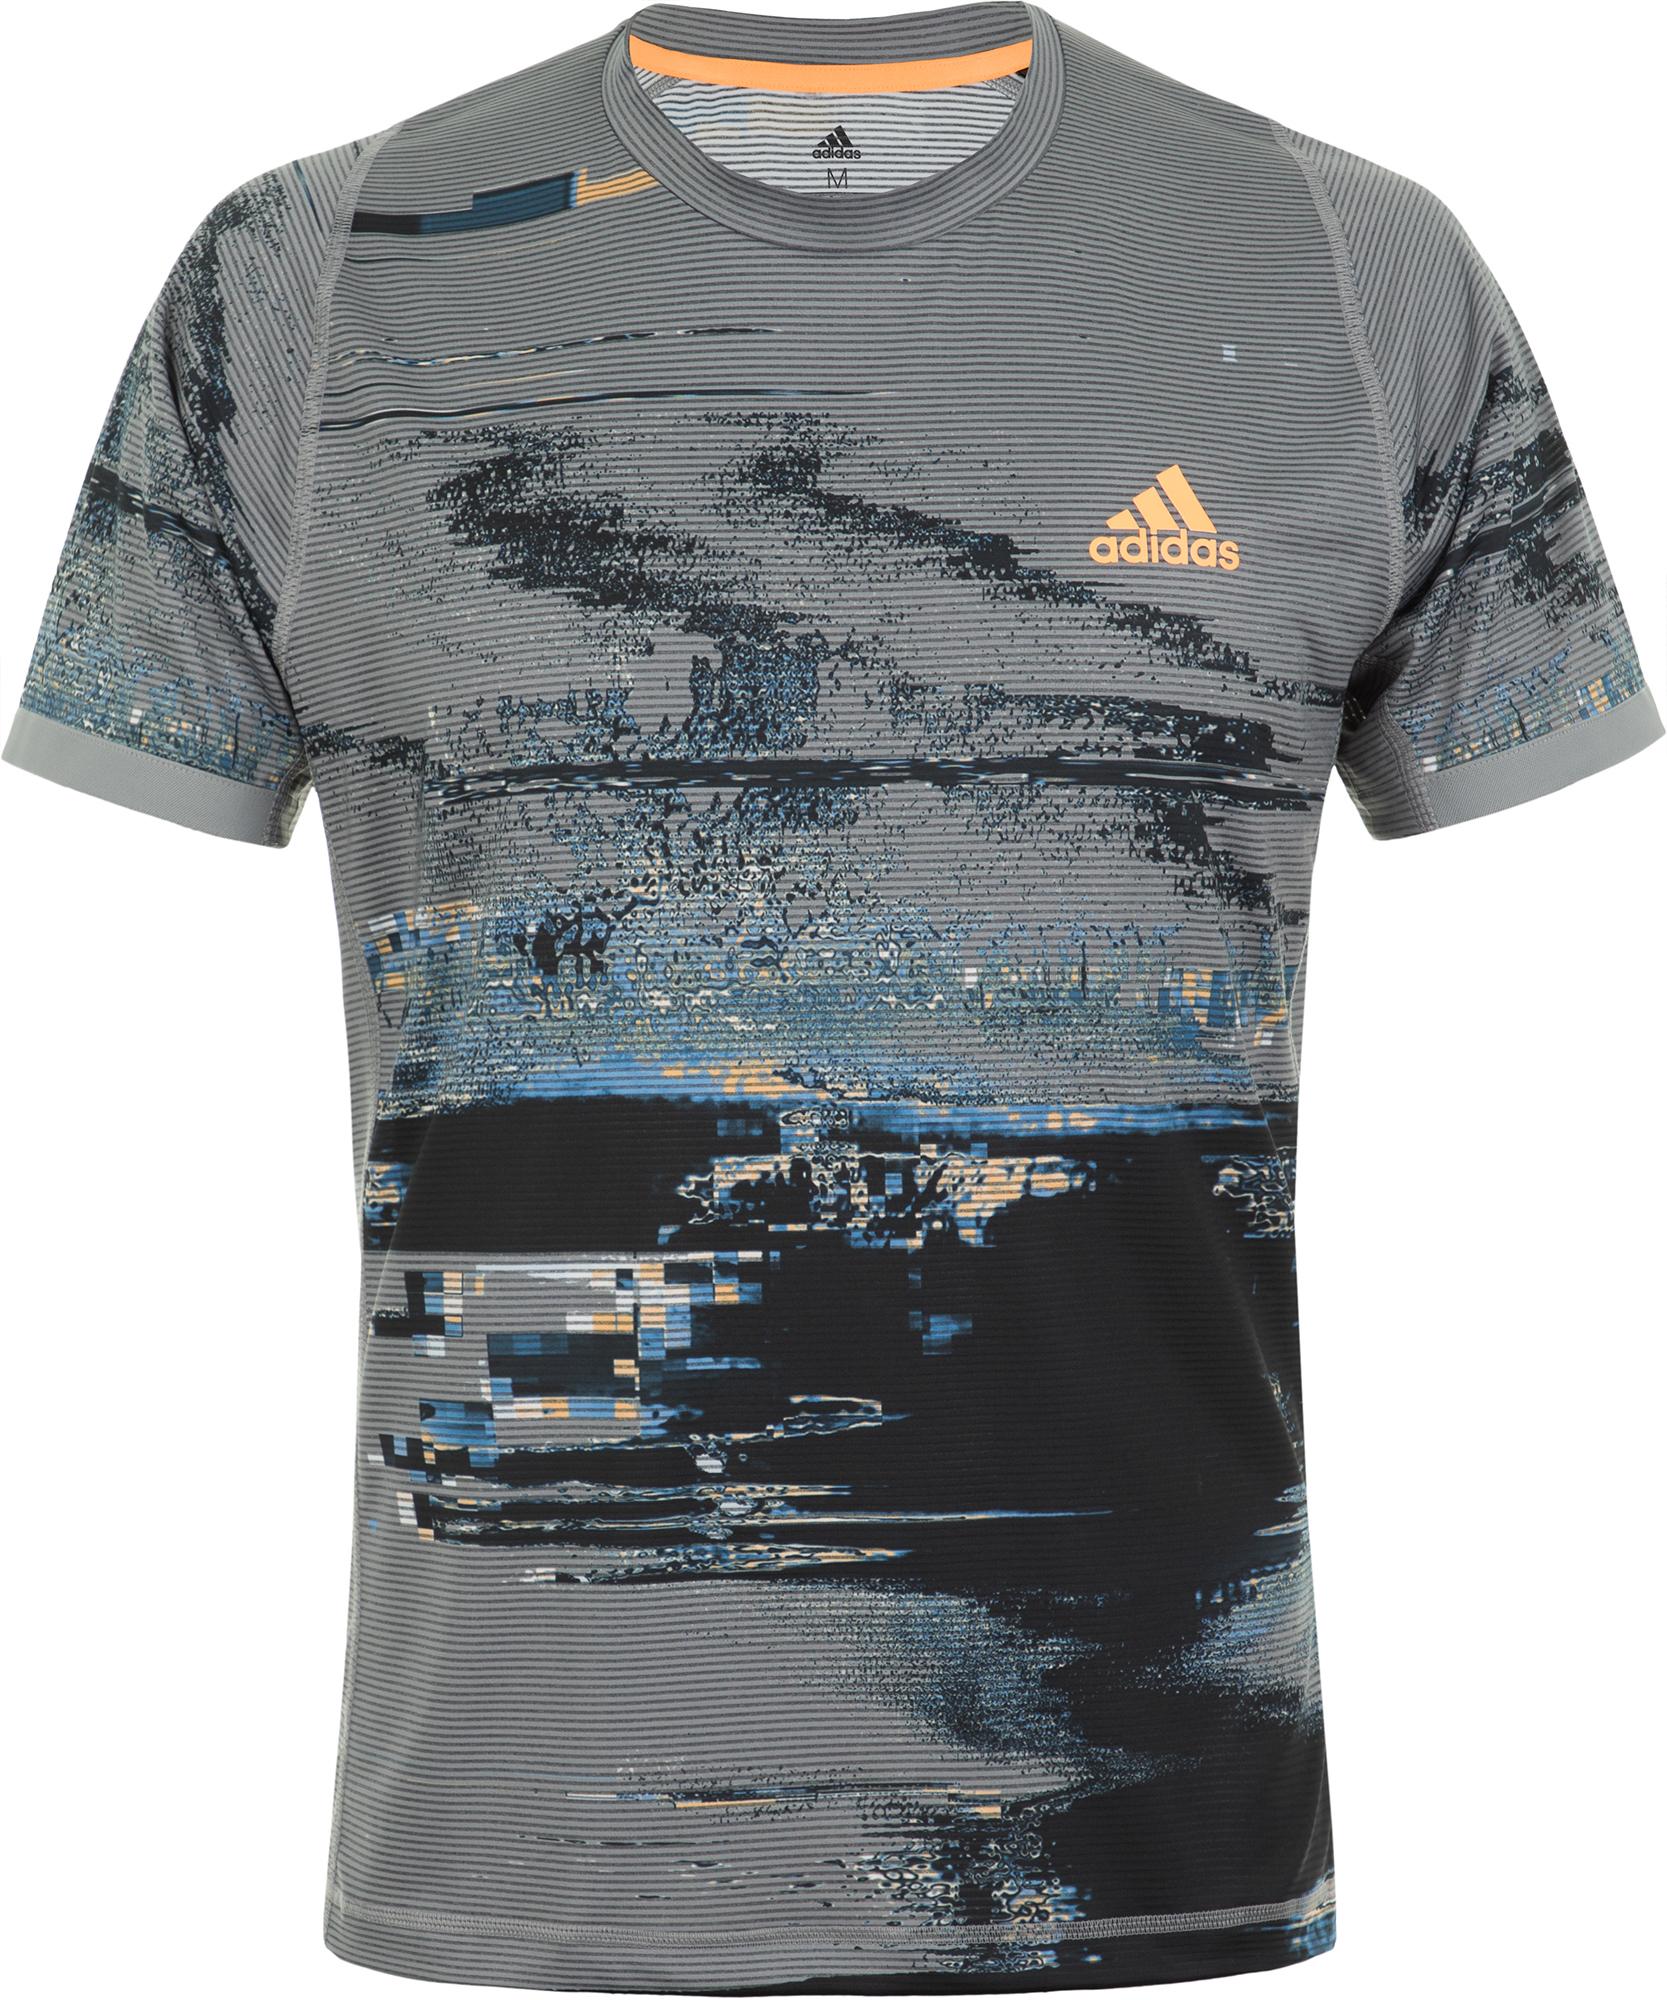 Adidas Футболка мужская New York, размер 54